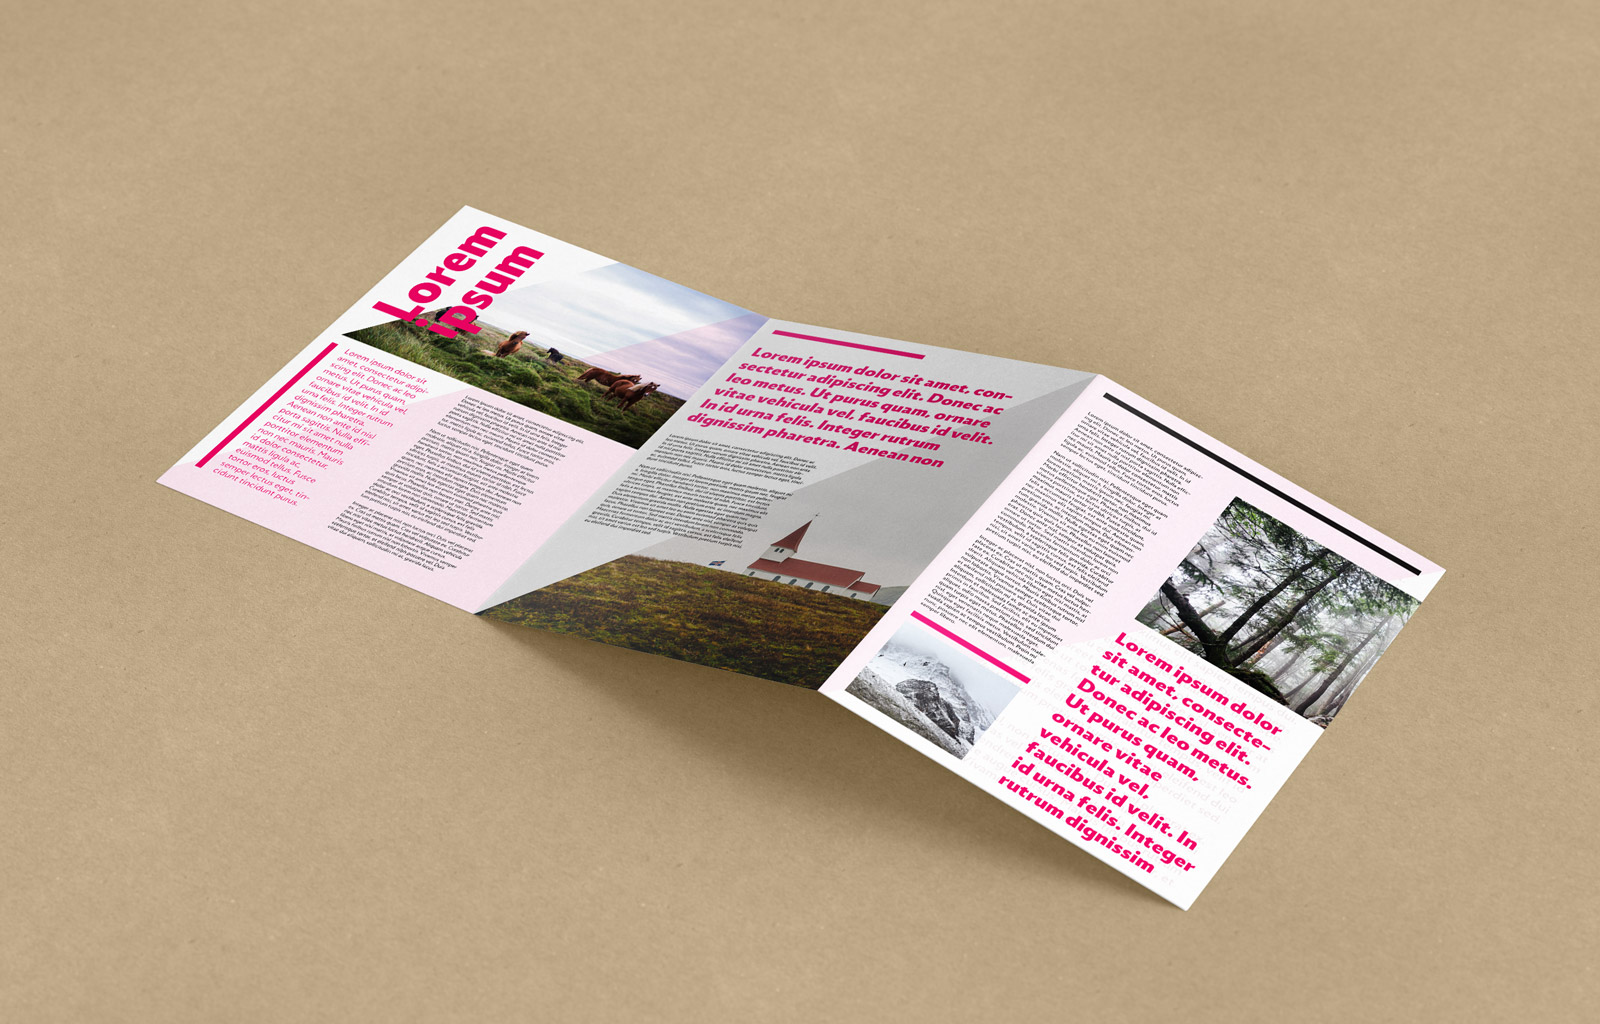 Free-Tri-Fold-A4-Brochure-Mockup-PSD-2